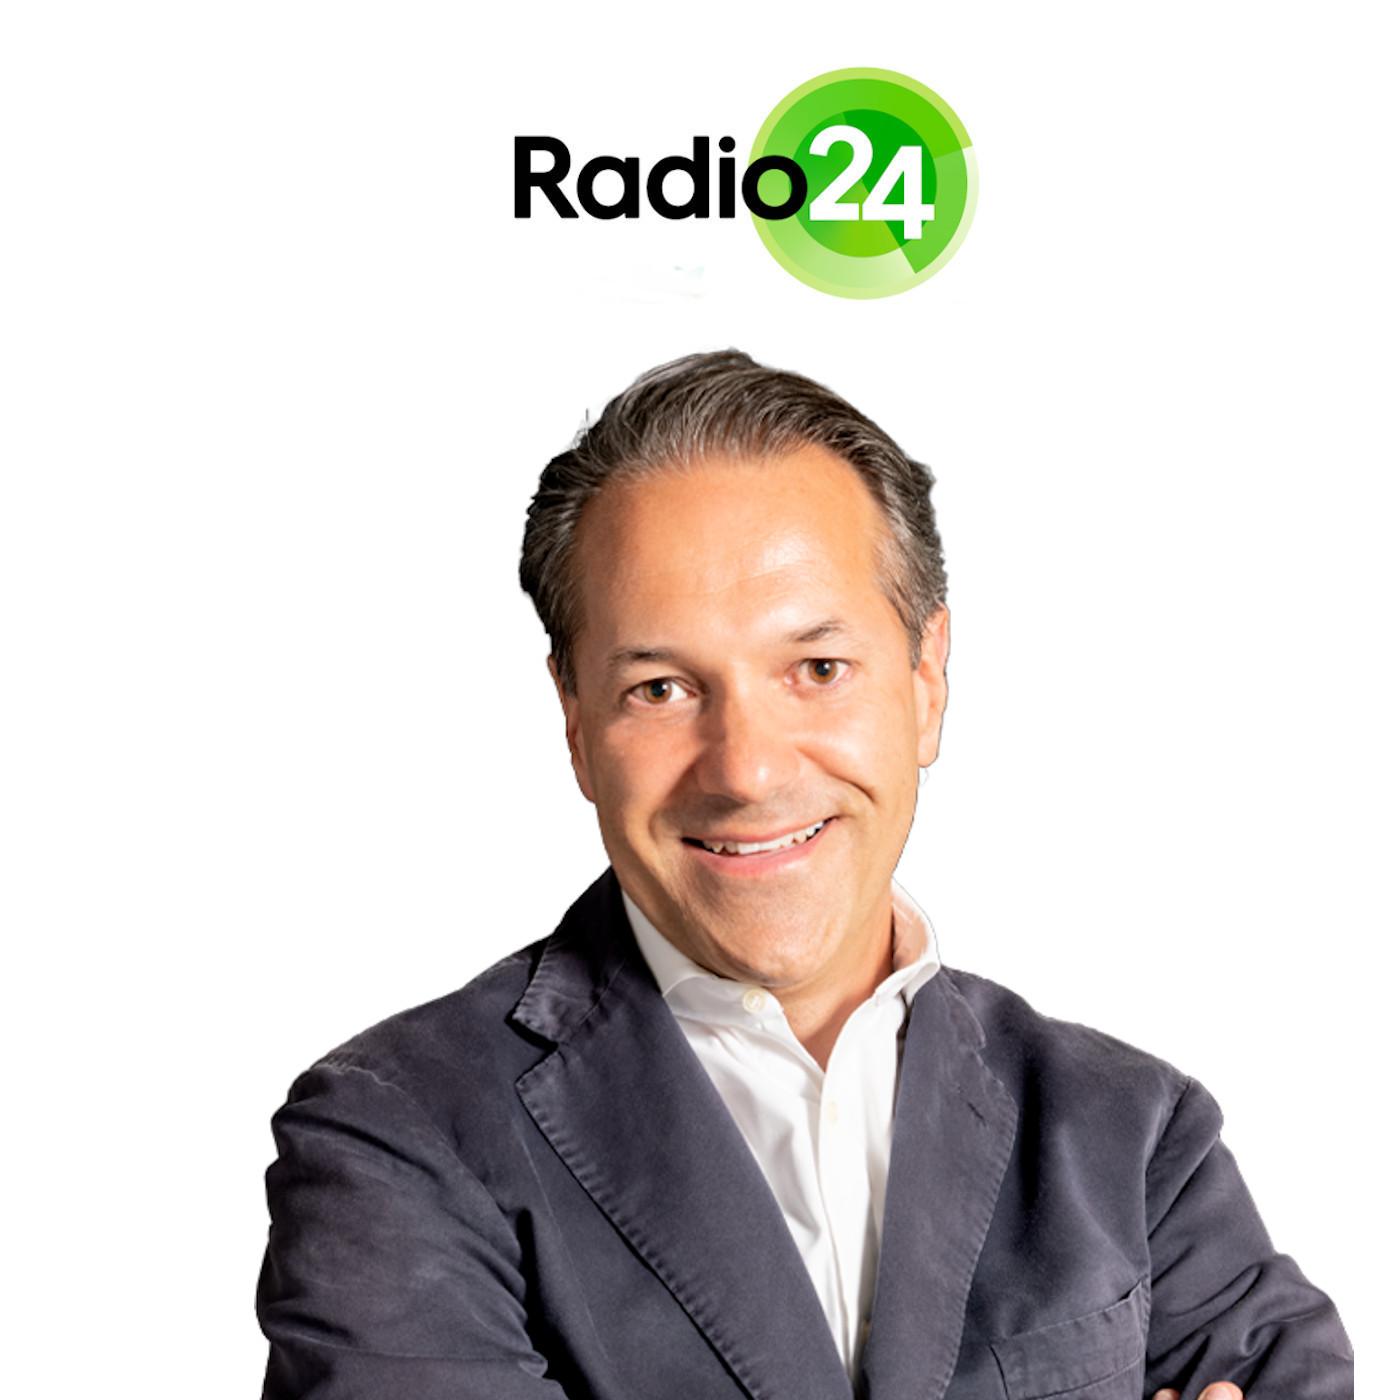 Parliamo di collegamento radiofonico Show